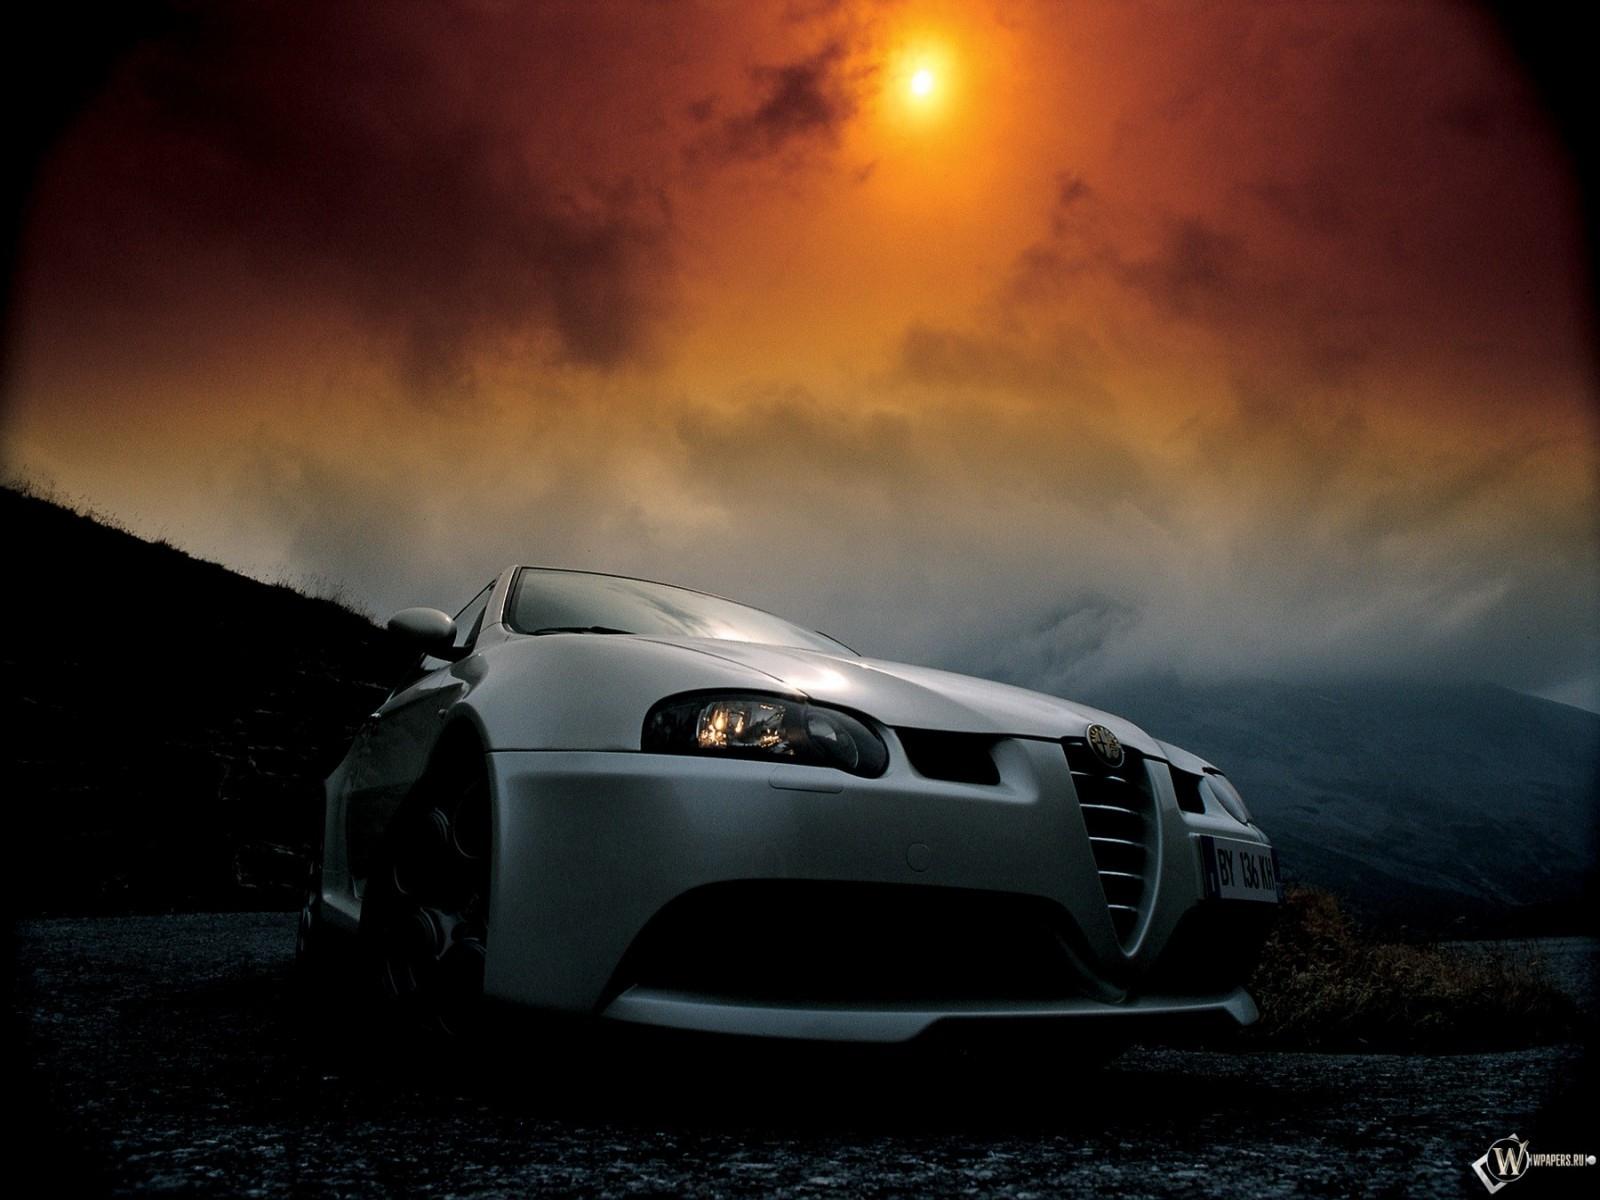 Alfa Romeo 147 GTA (2002) 1600x1200